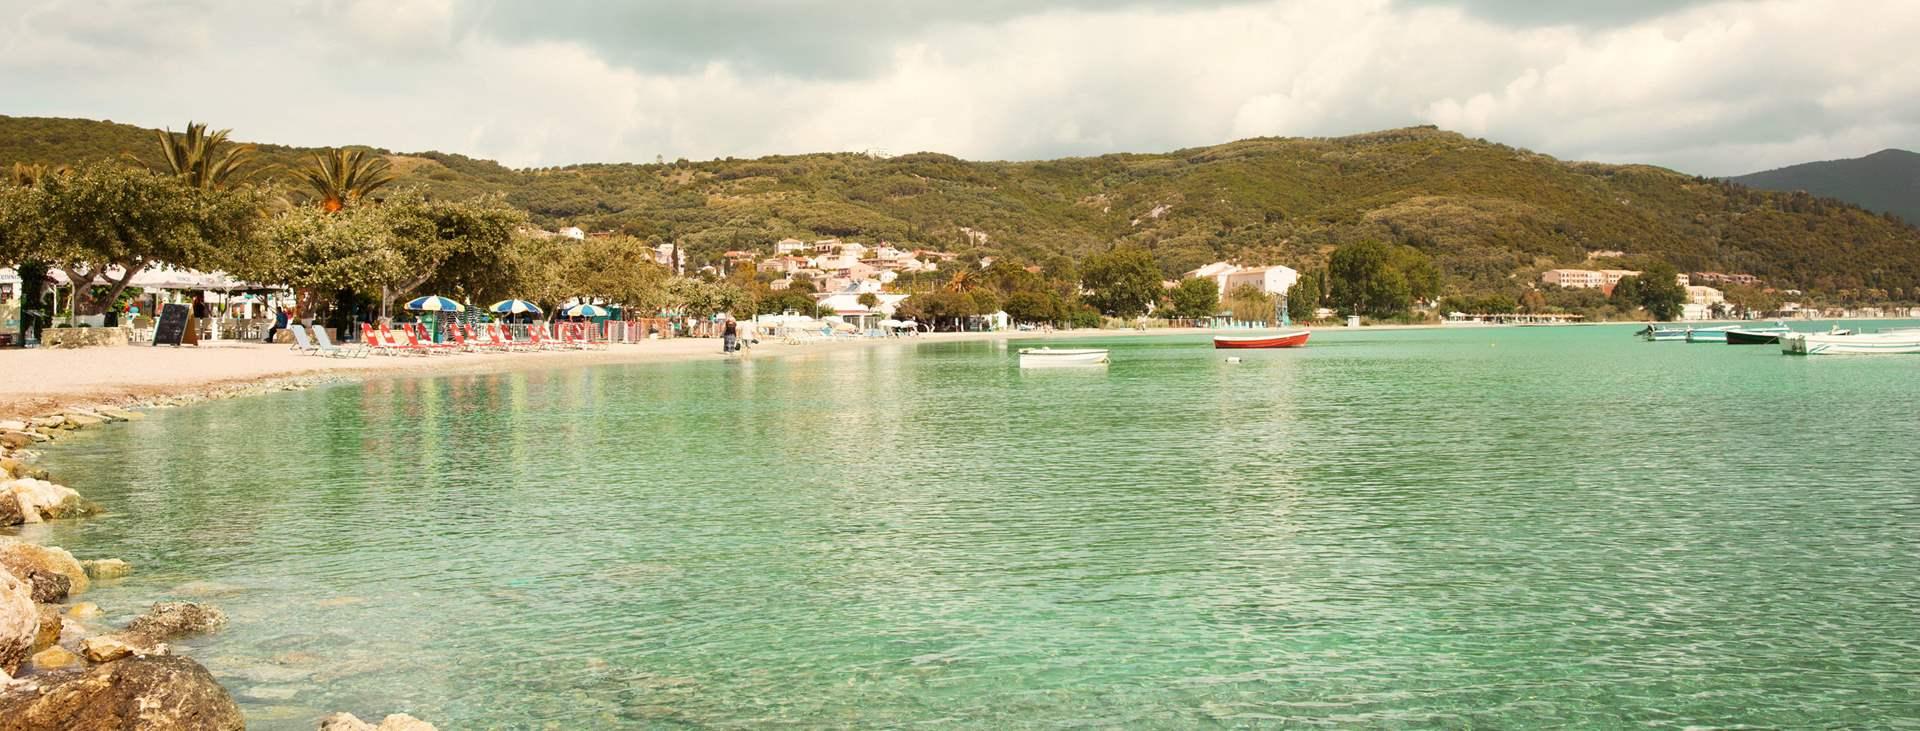 Bestill en reise med Ving til vakre Moraitika på Korfu